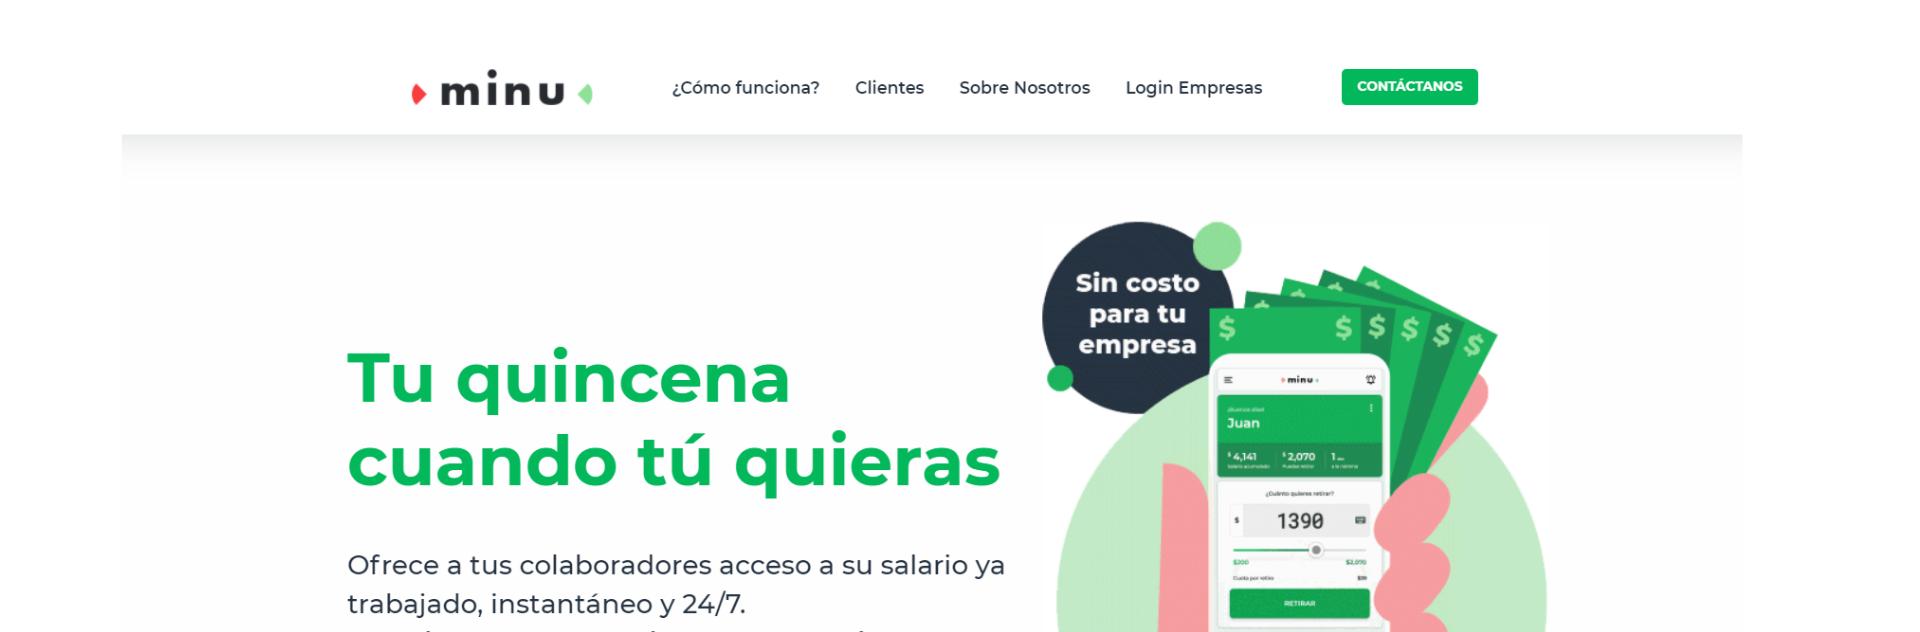 Fundo VEF participa de rodada na Minu, de antecipação de salário, que concorre com a Creditas no México